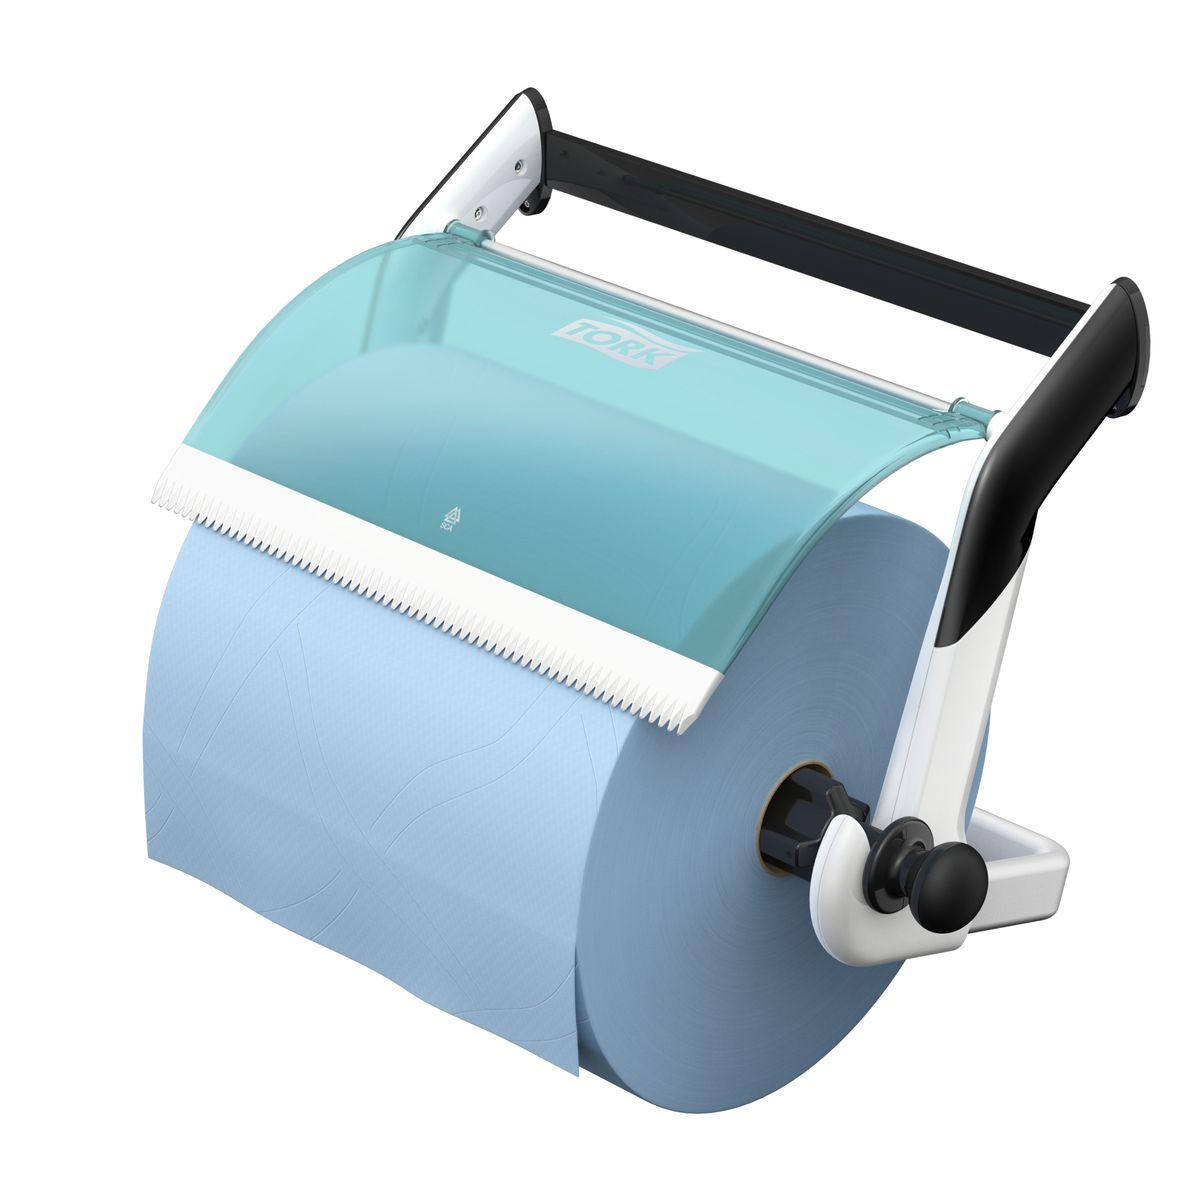 Диспенсер для туалетной бумаги Tork, цвет: белый . 652100652100Держатель для протирочных материалов Tork. Настенный держатель обладает прочной конструкцией и позволит сэкономить место. Быстро и легко менять расходный материал.